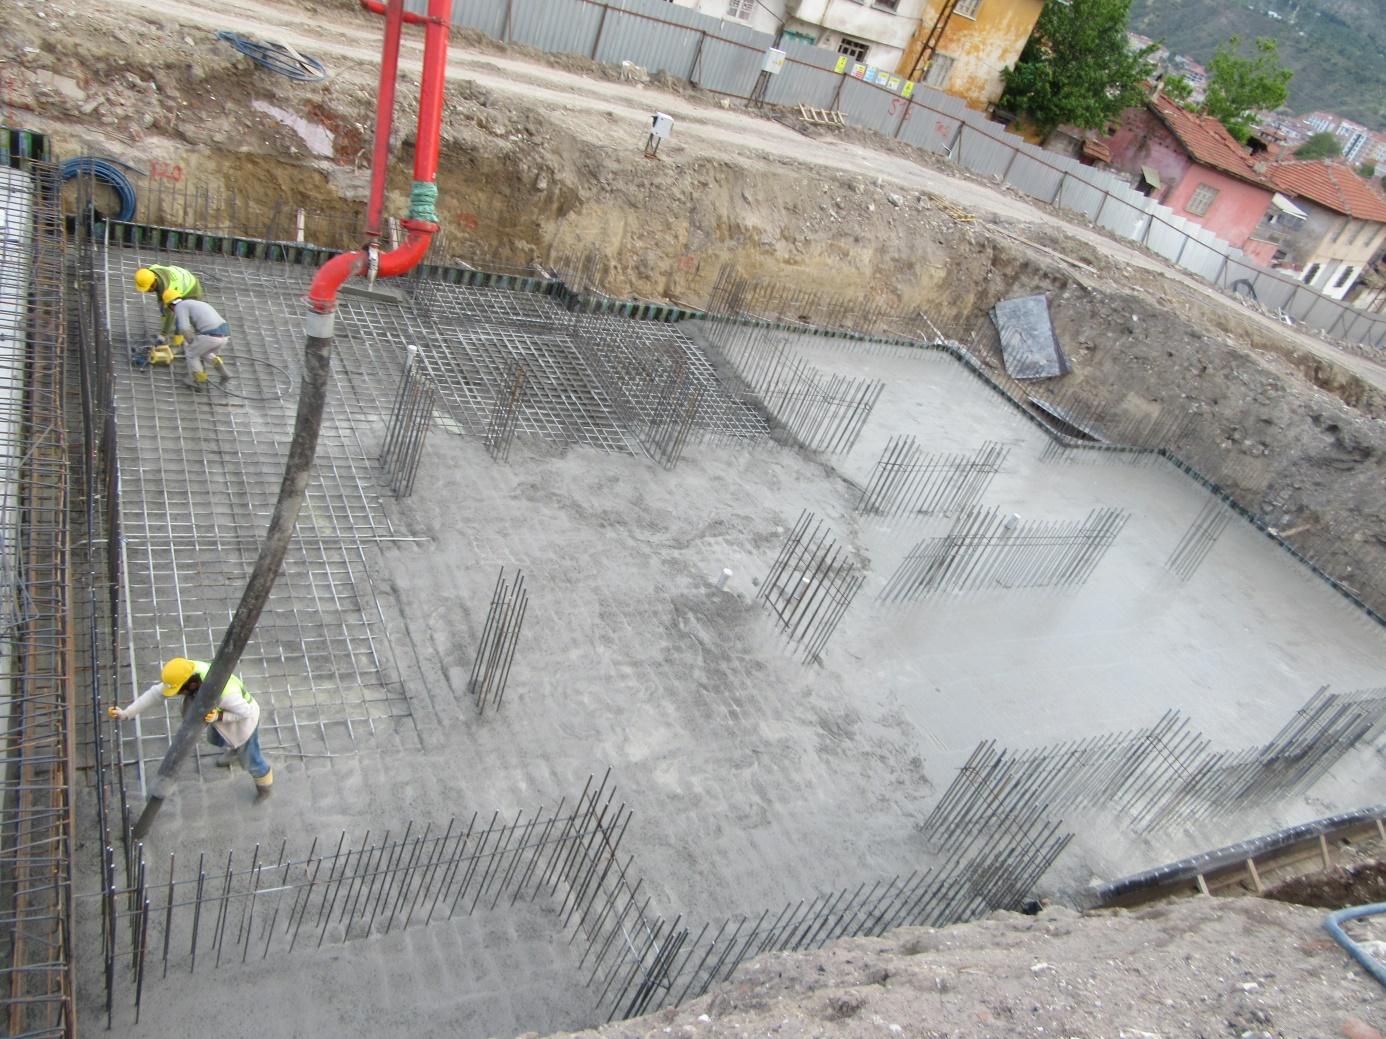 temel-beton-dokumu-dogru-uygulama-ancak-temel-alani-kucuk-vs